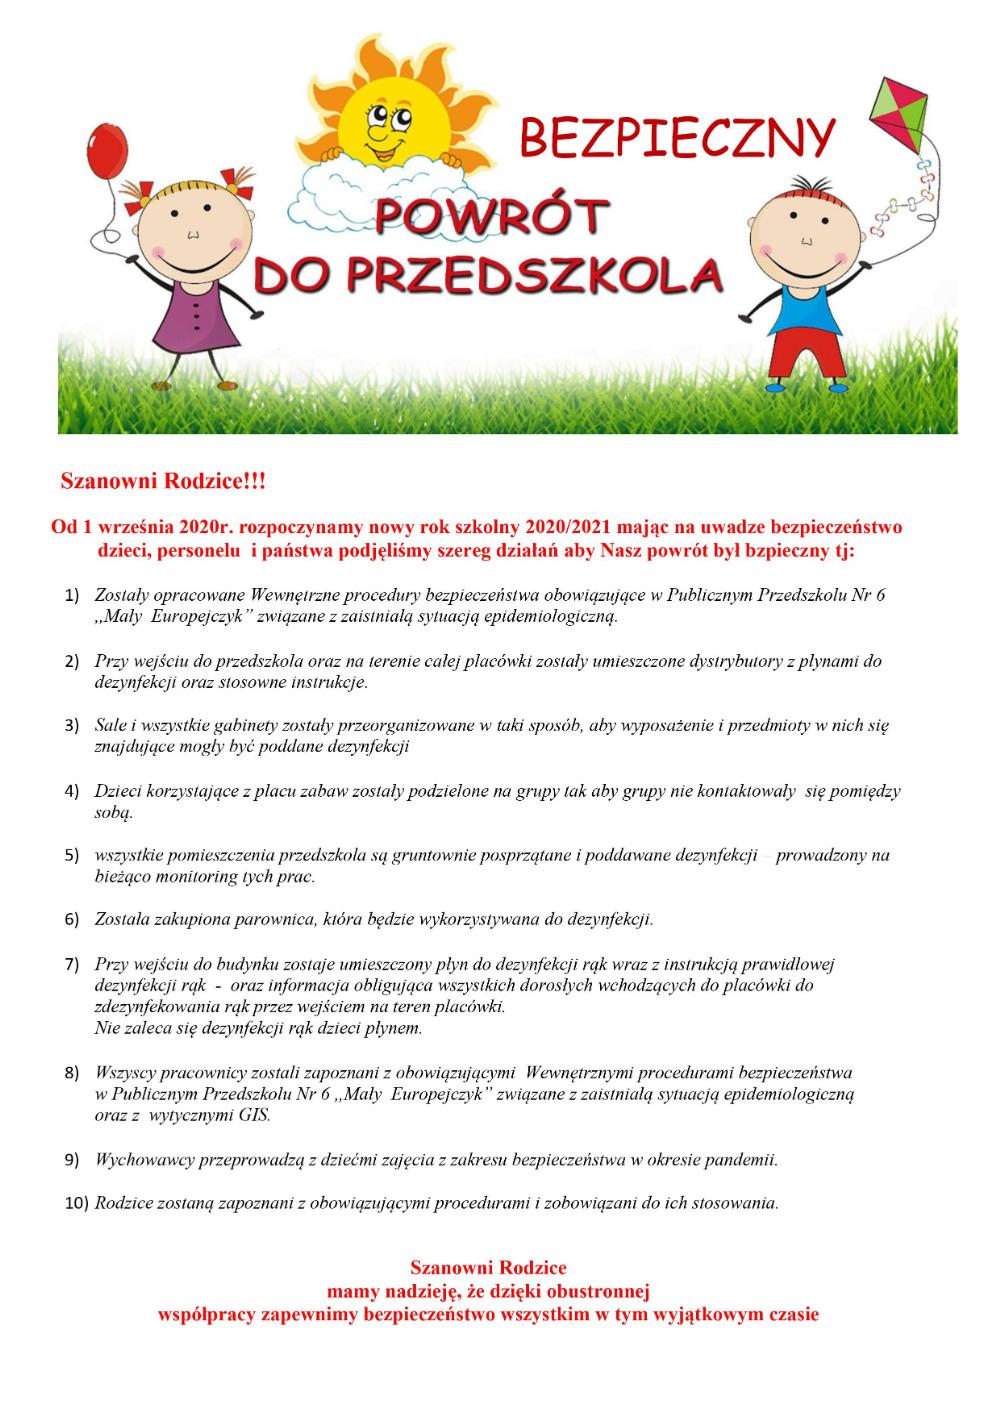 Informacja dla rodziców - Bezpieczny powrót do przedszkola